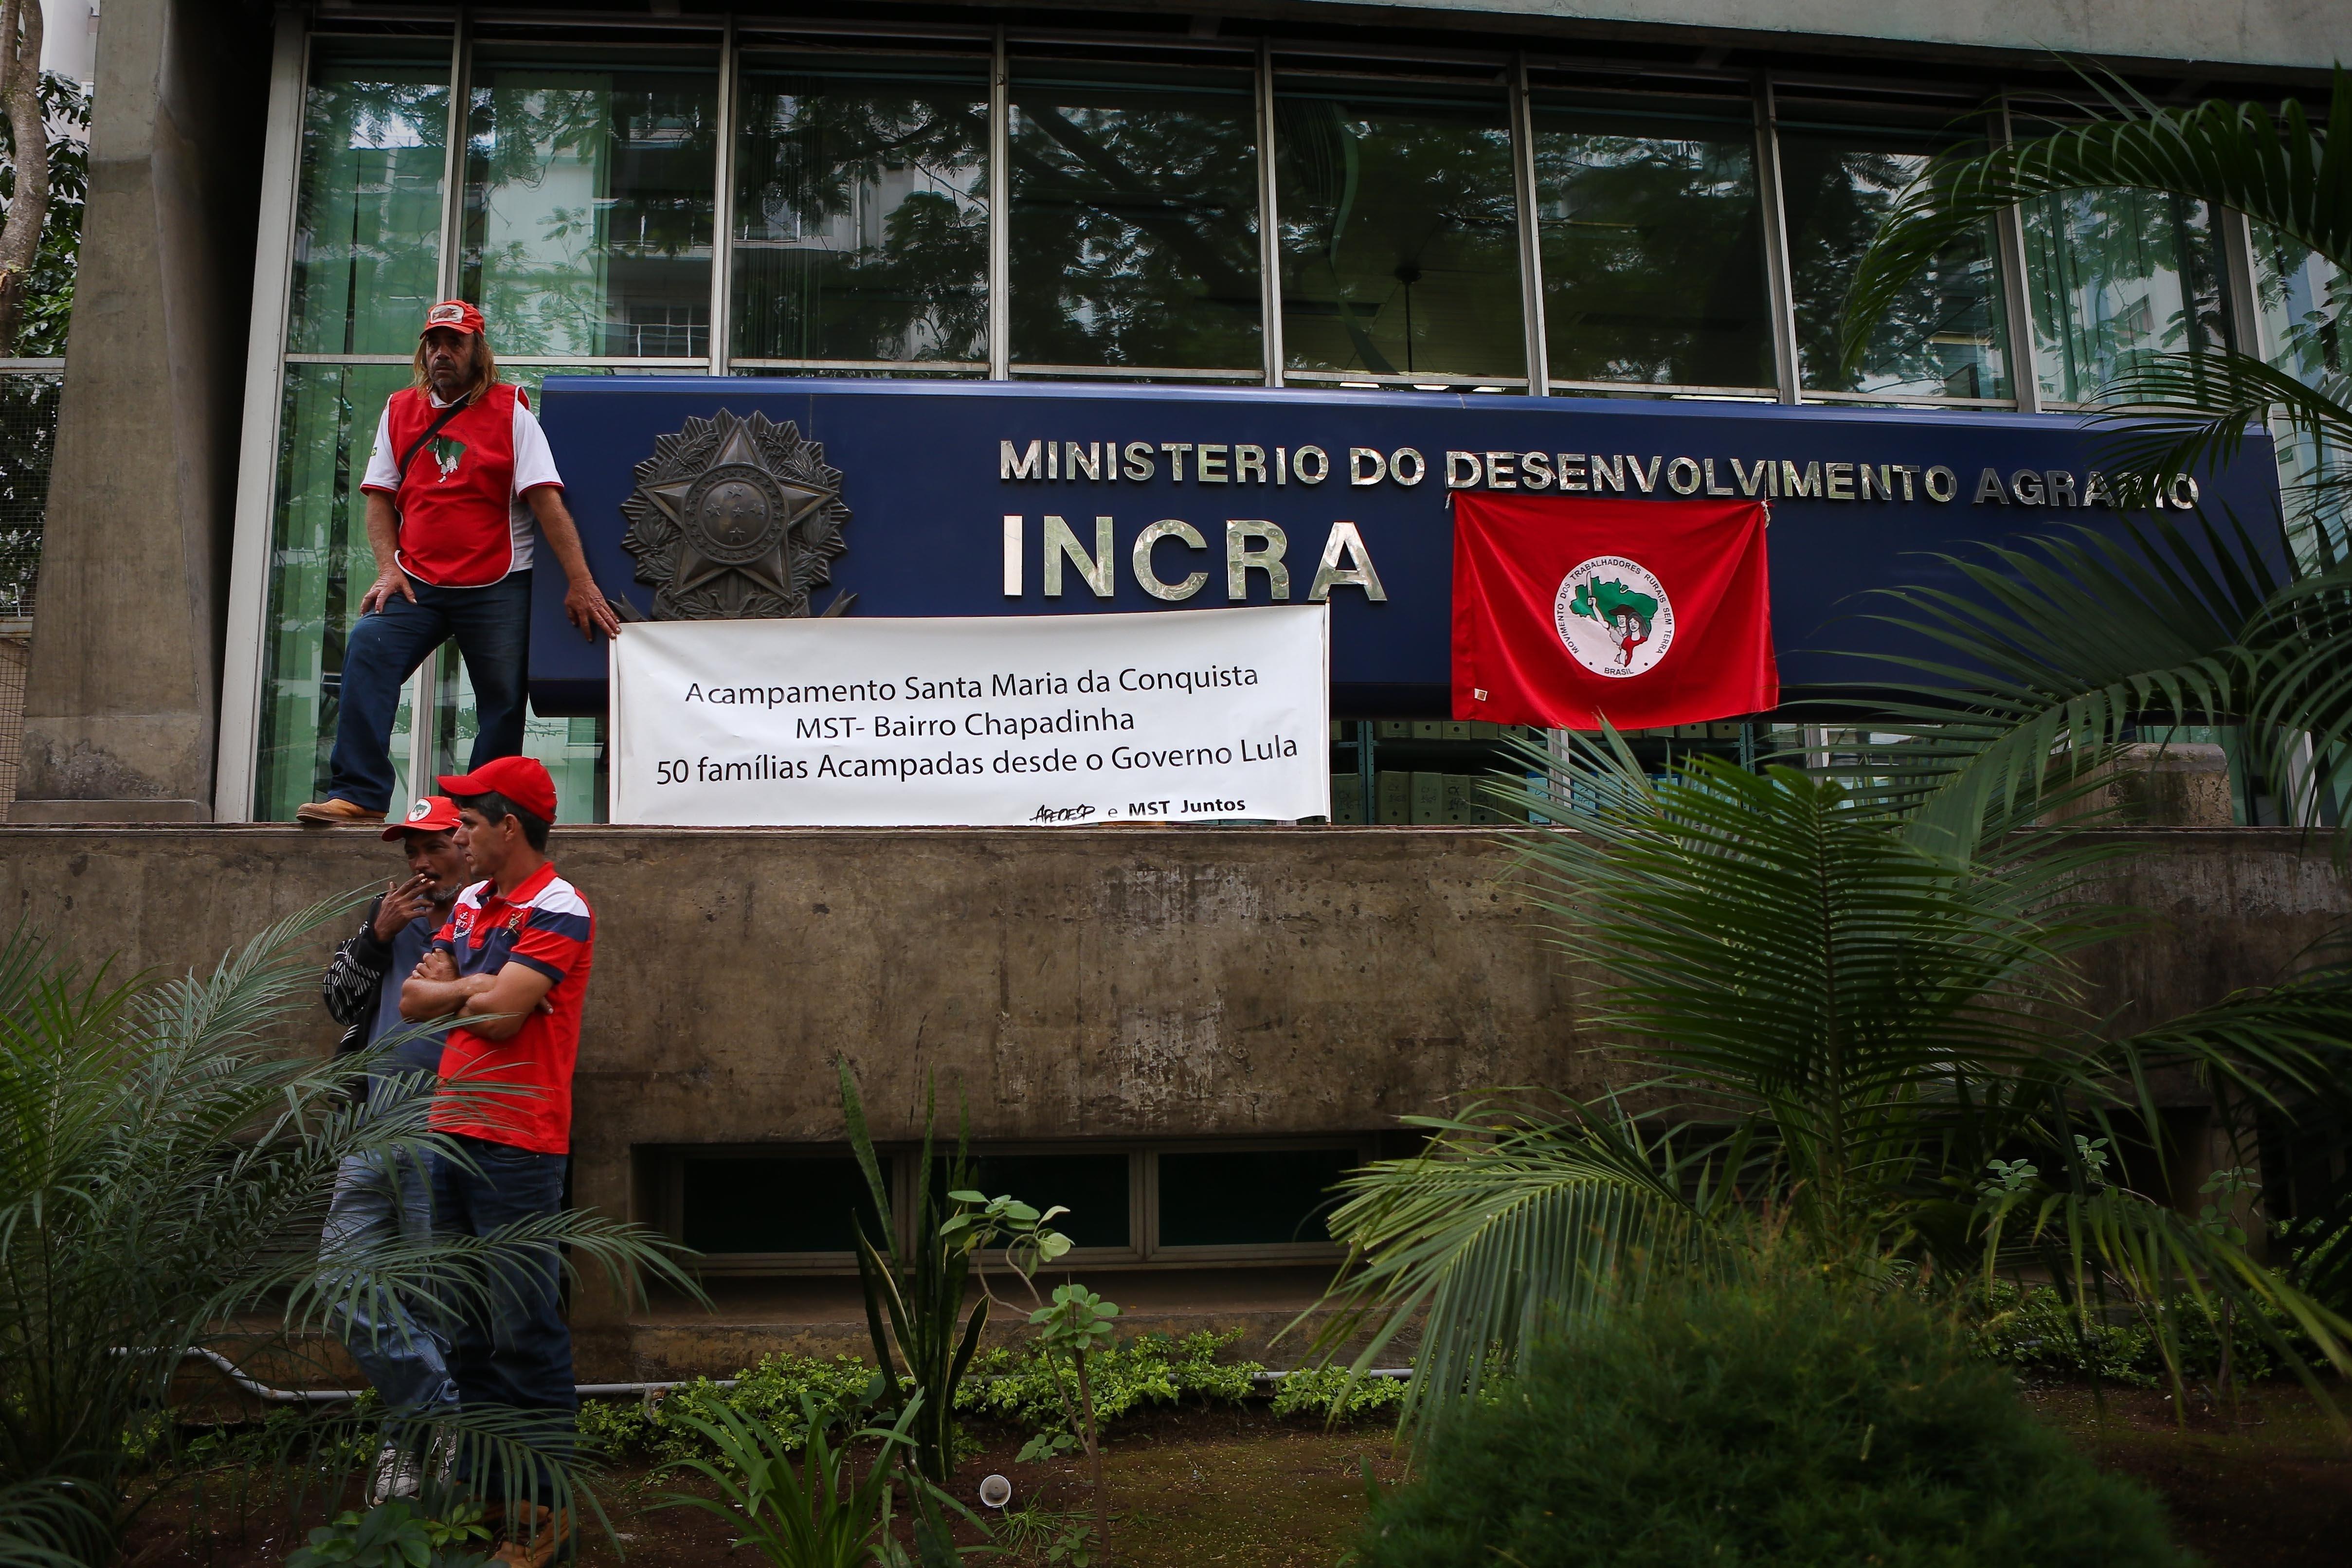 Integrantes do MST (Movimento dos Trabalhadores Rurais Sem Terra) ocupam o prédio do Incra em São Paulo na manhã de 30 de abril de 2015.